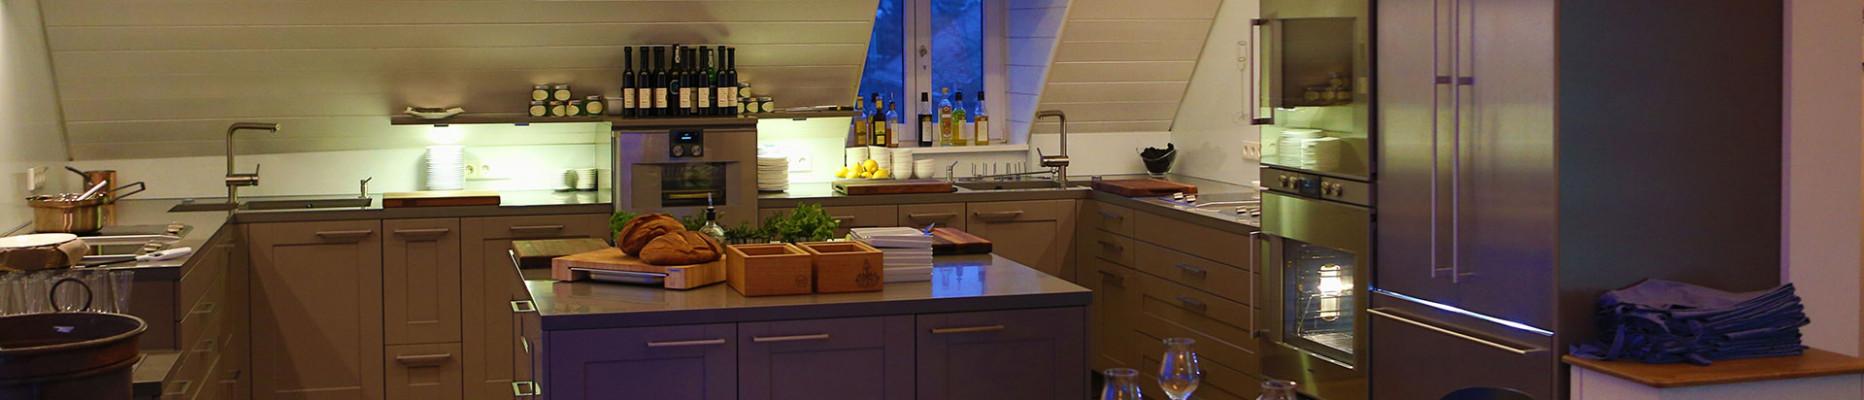 Küche im Kitchenclub